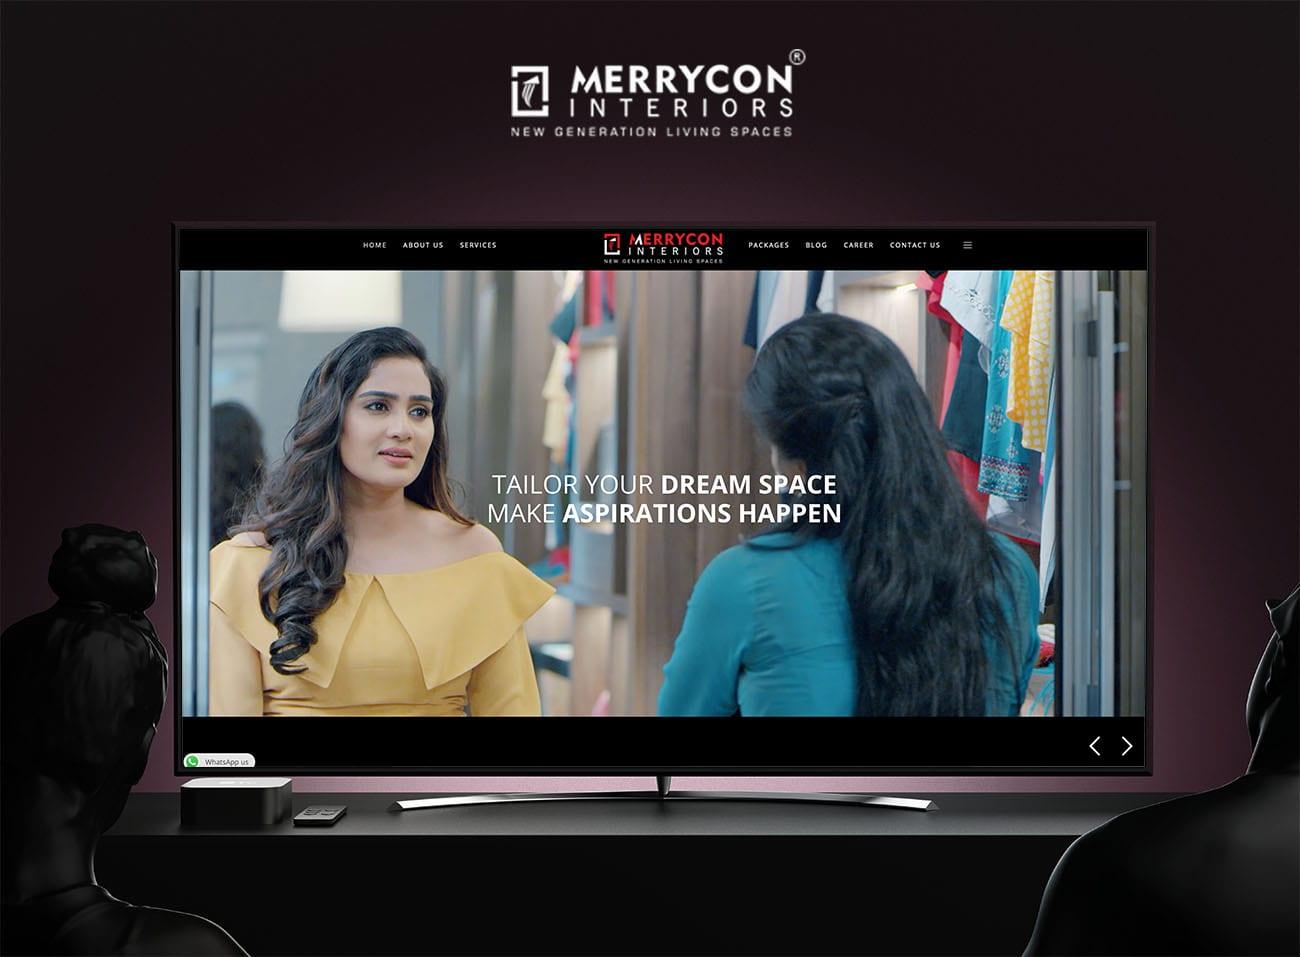 Merrycon Interiors